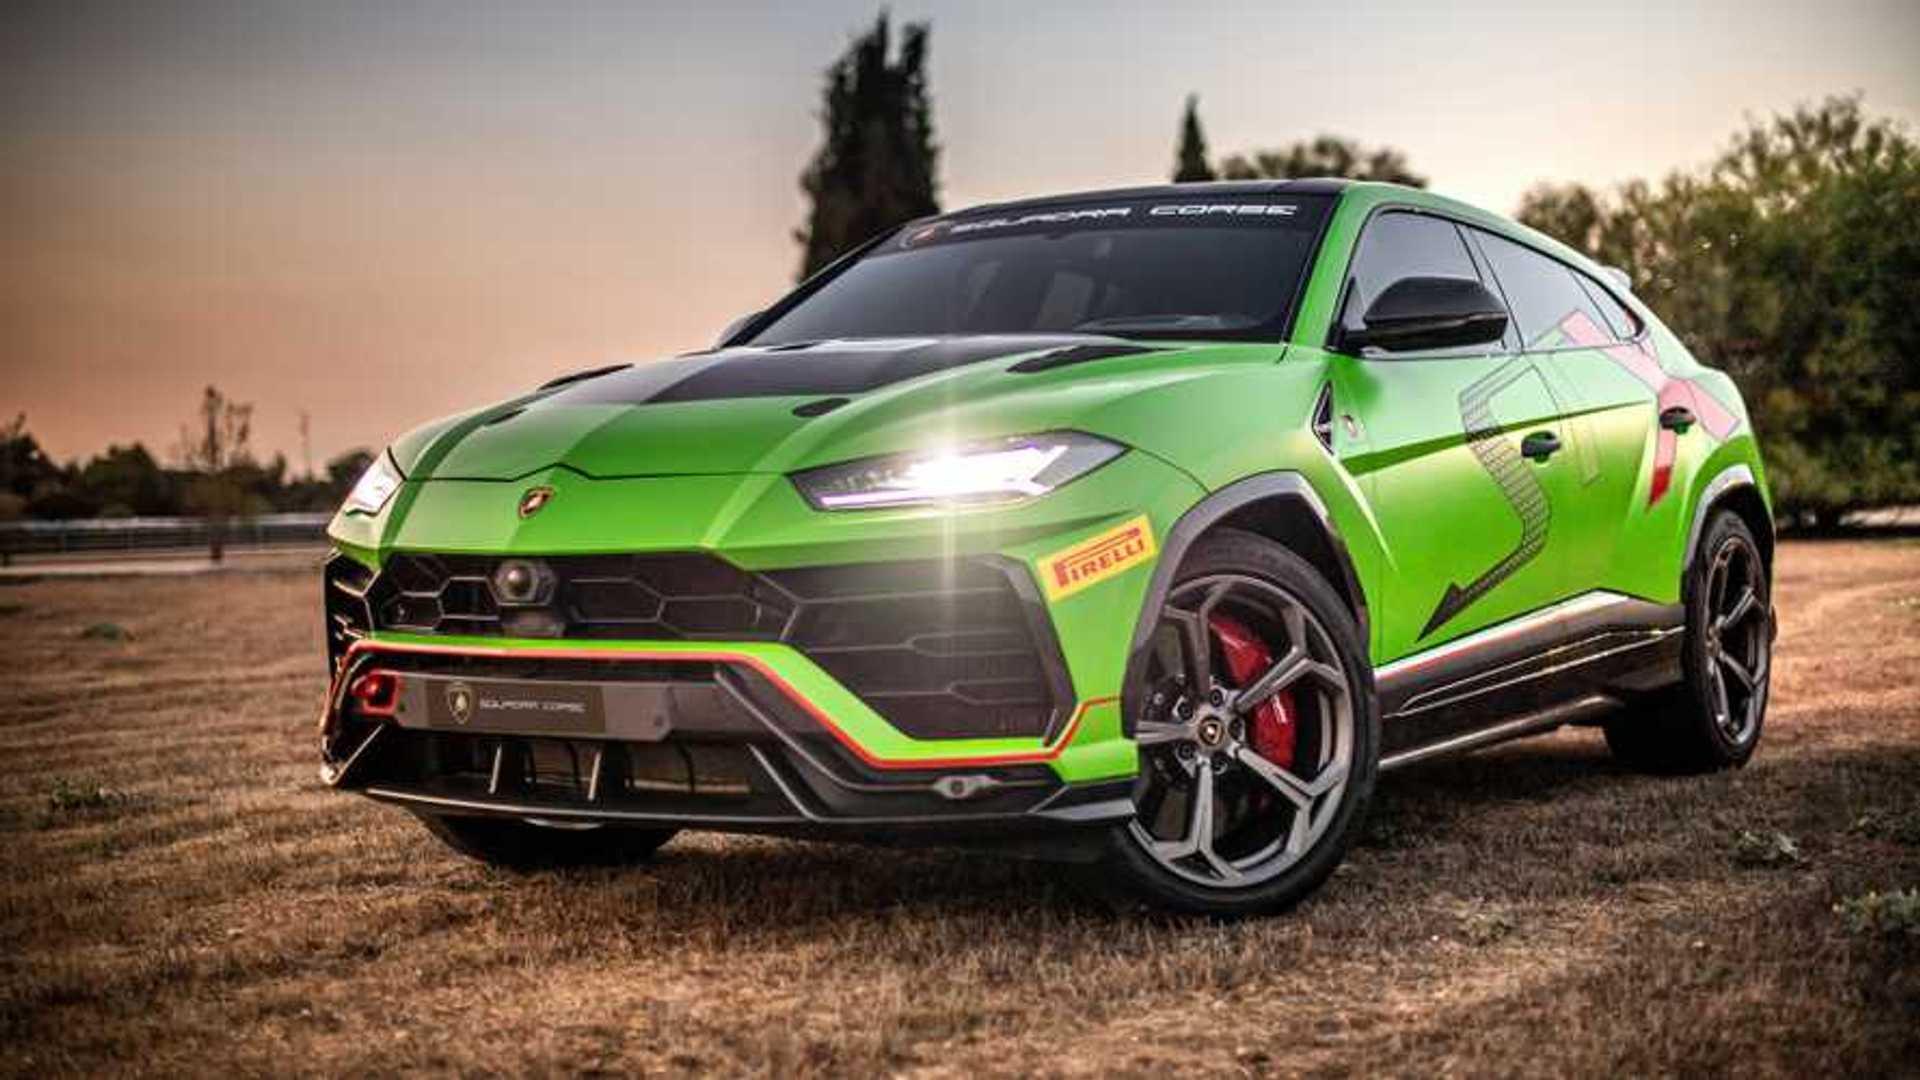 2020 Lamborghini Urus Picture